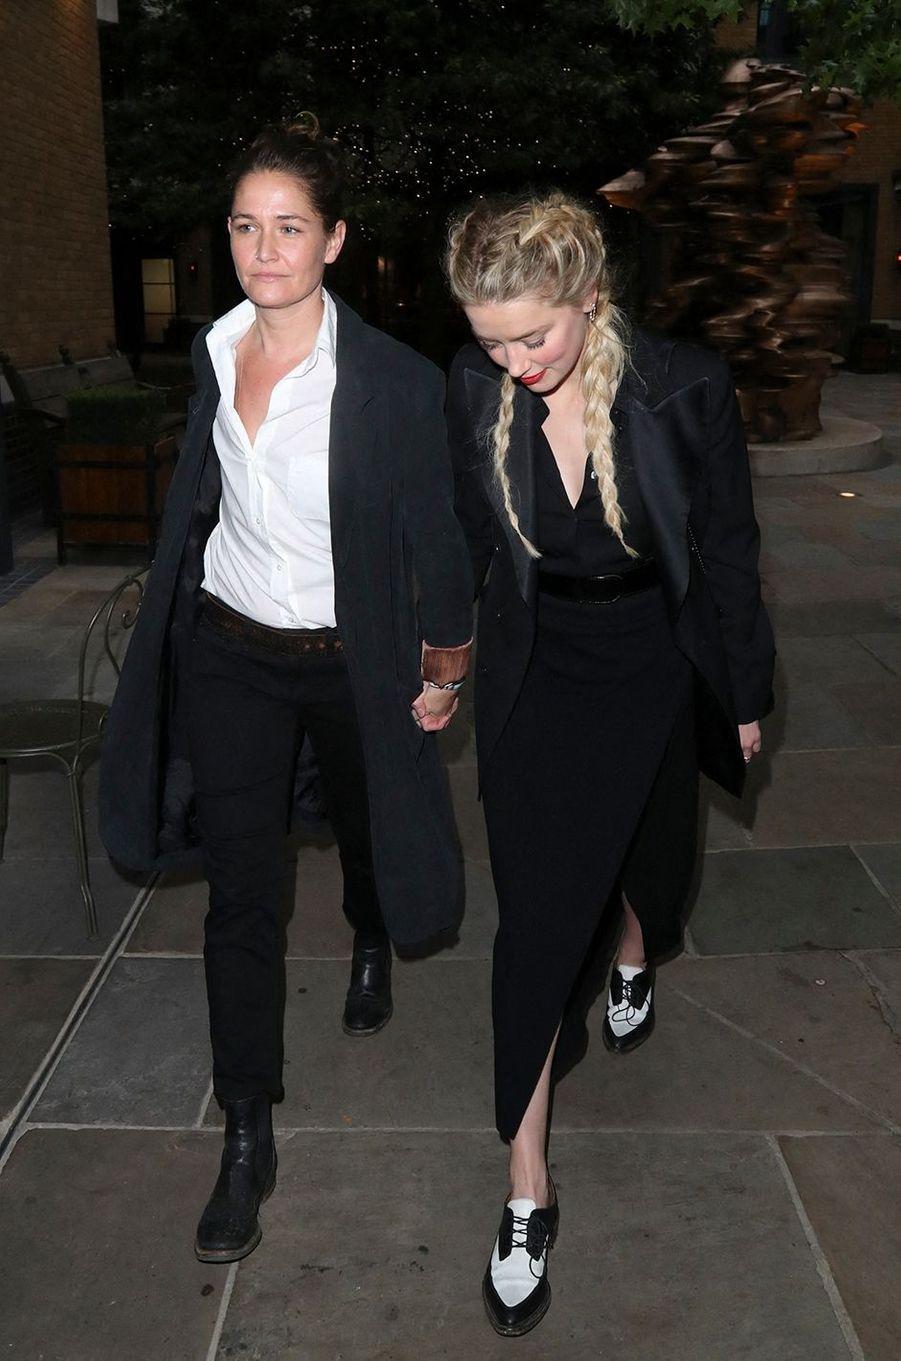 Bianca Butti et Amber Heard à Londres le 15 juillet 2020